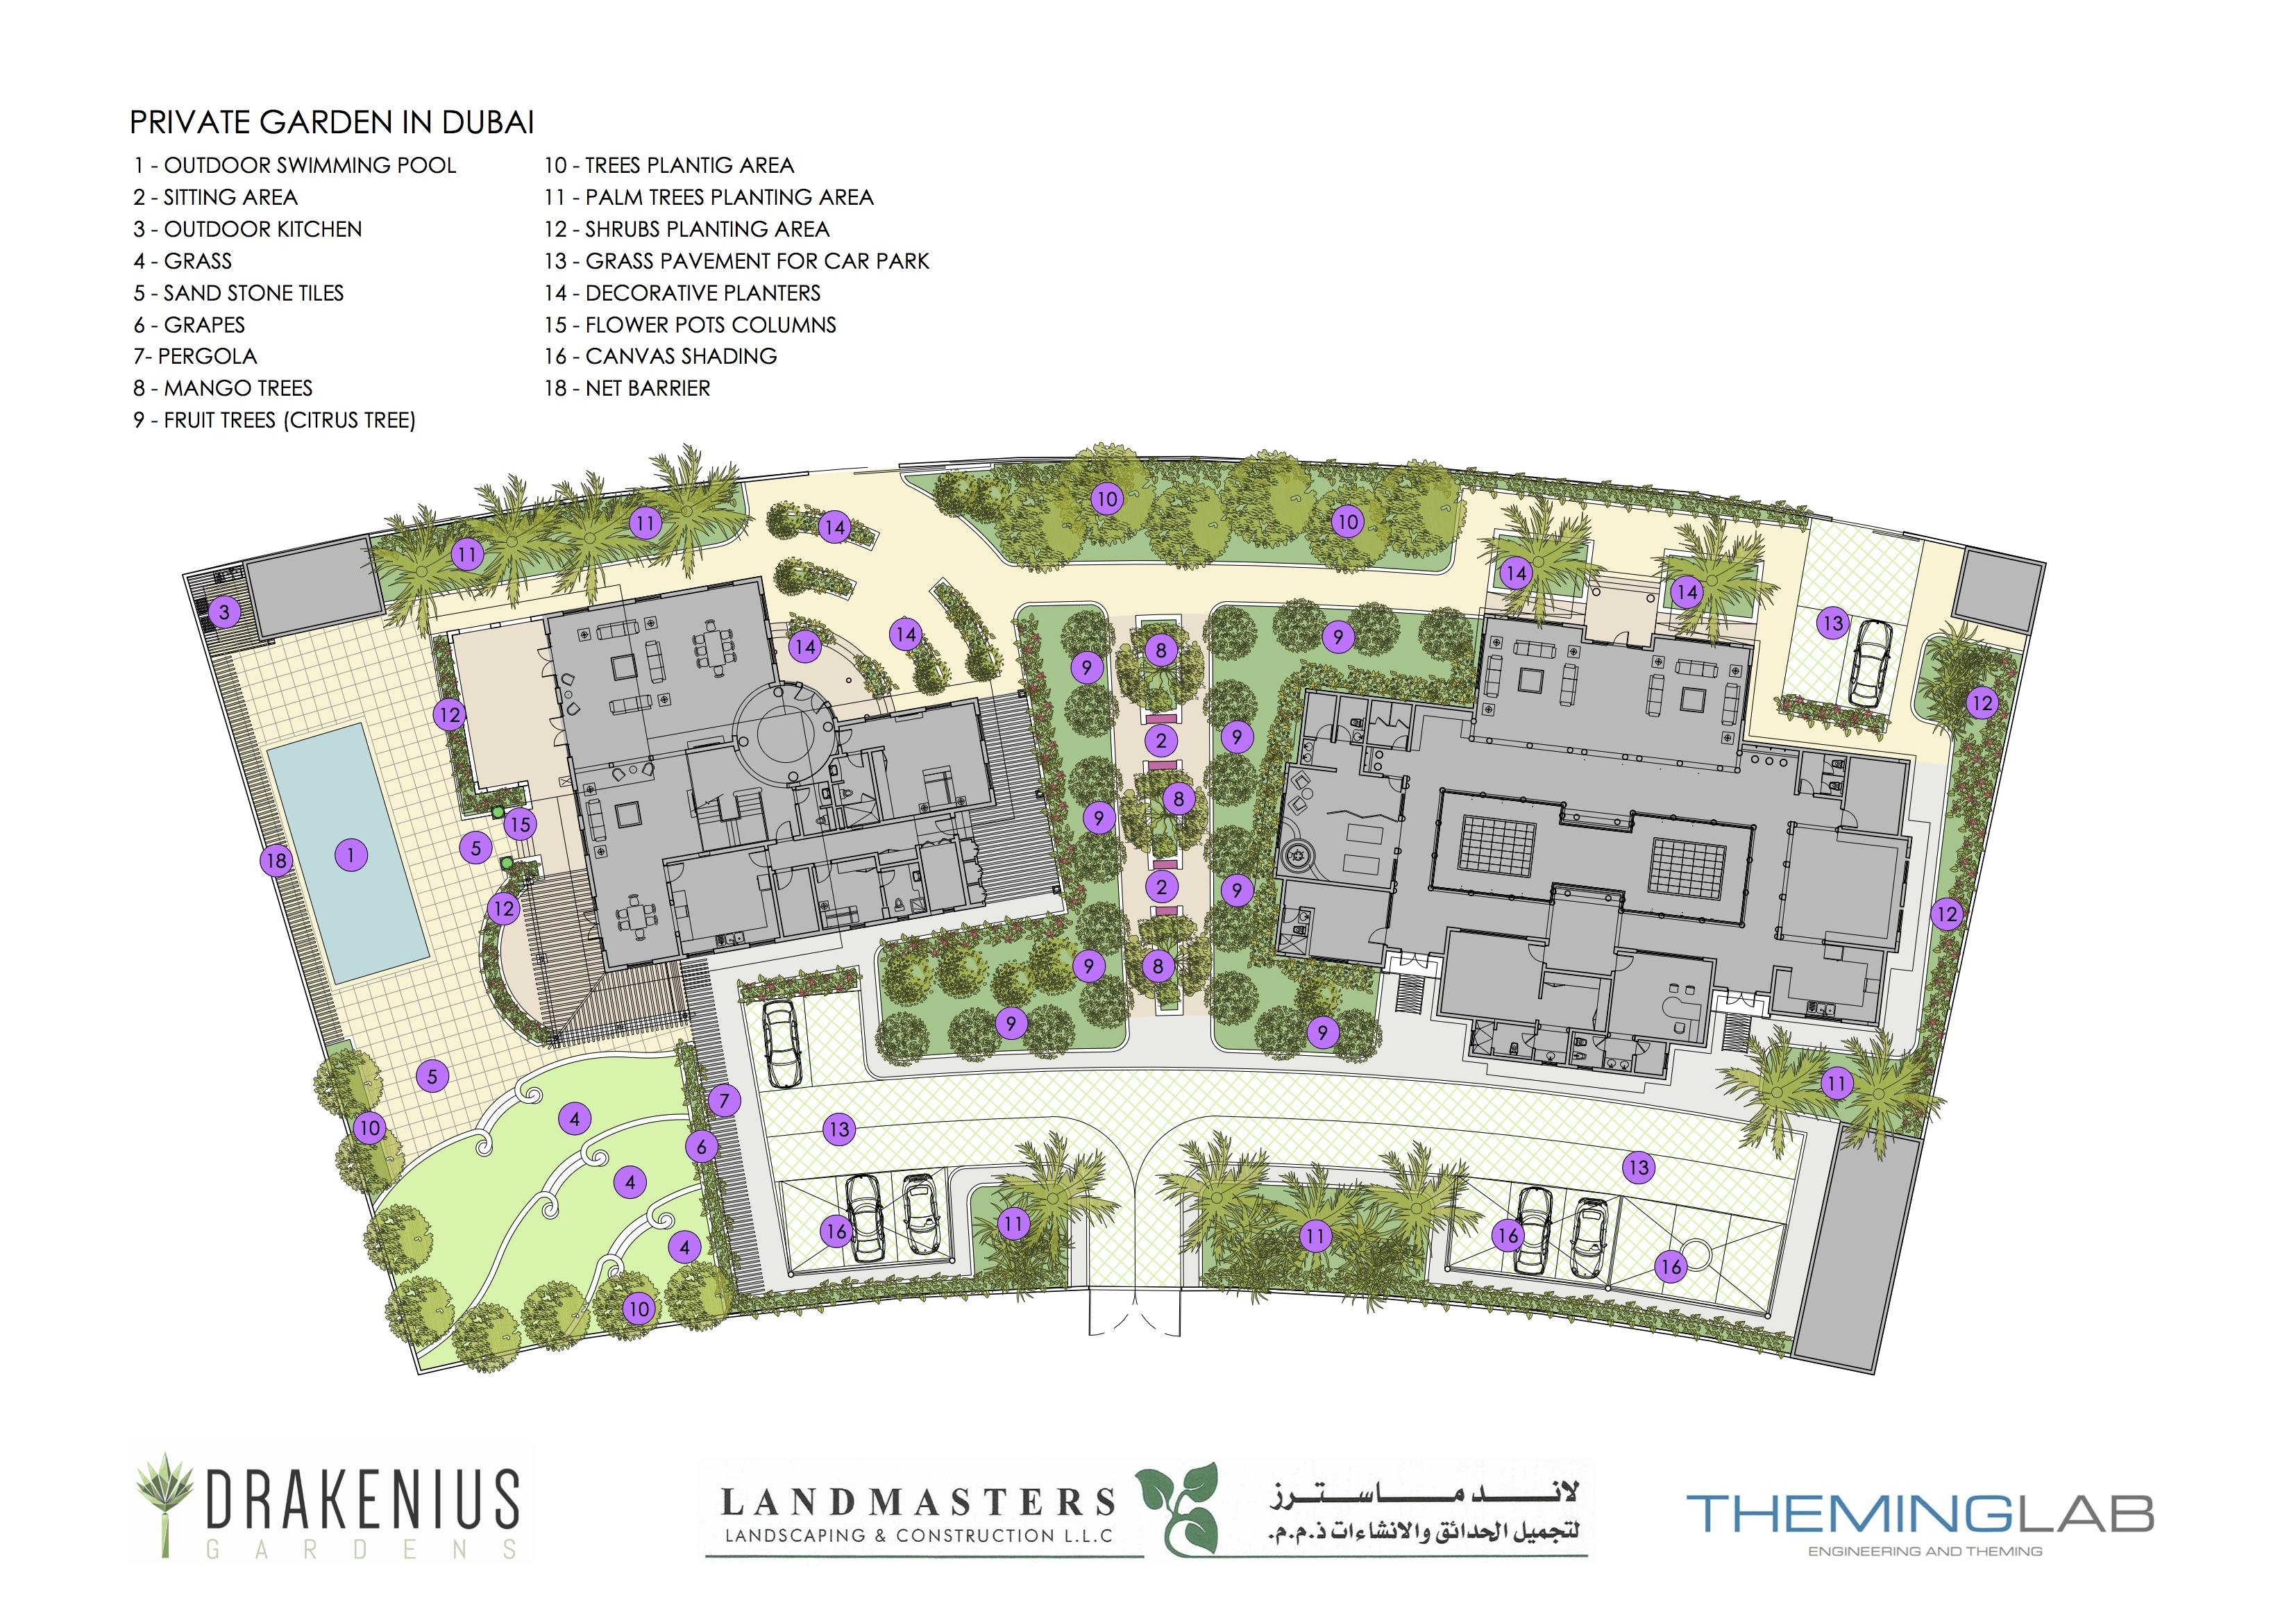 Dubai Garden - Layout - 20160728 (1) kopia 2